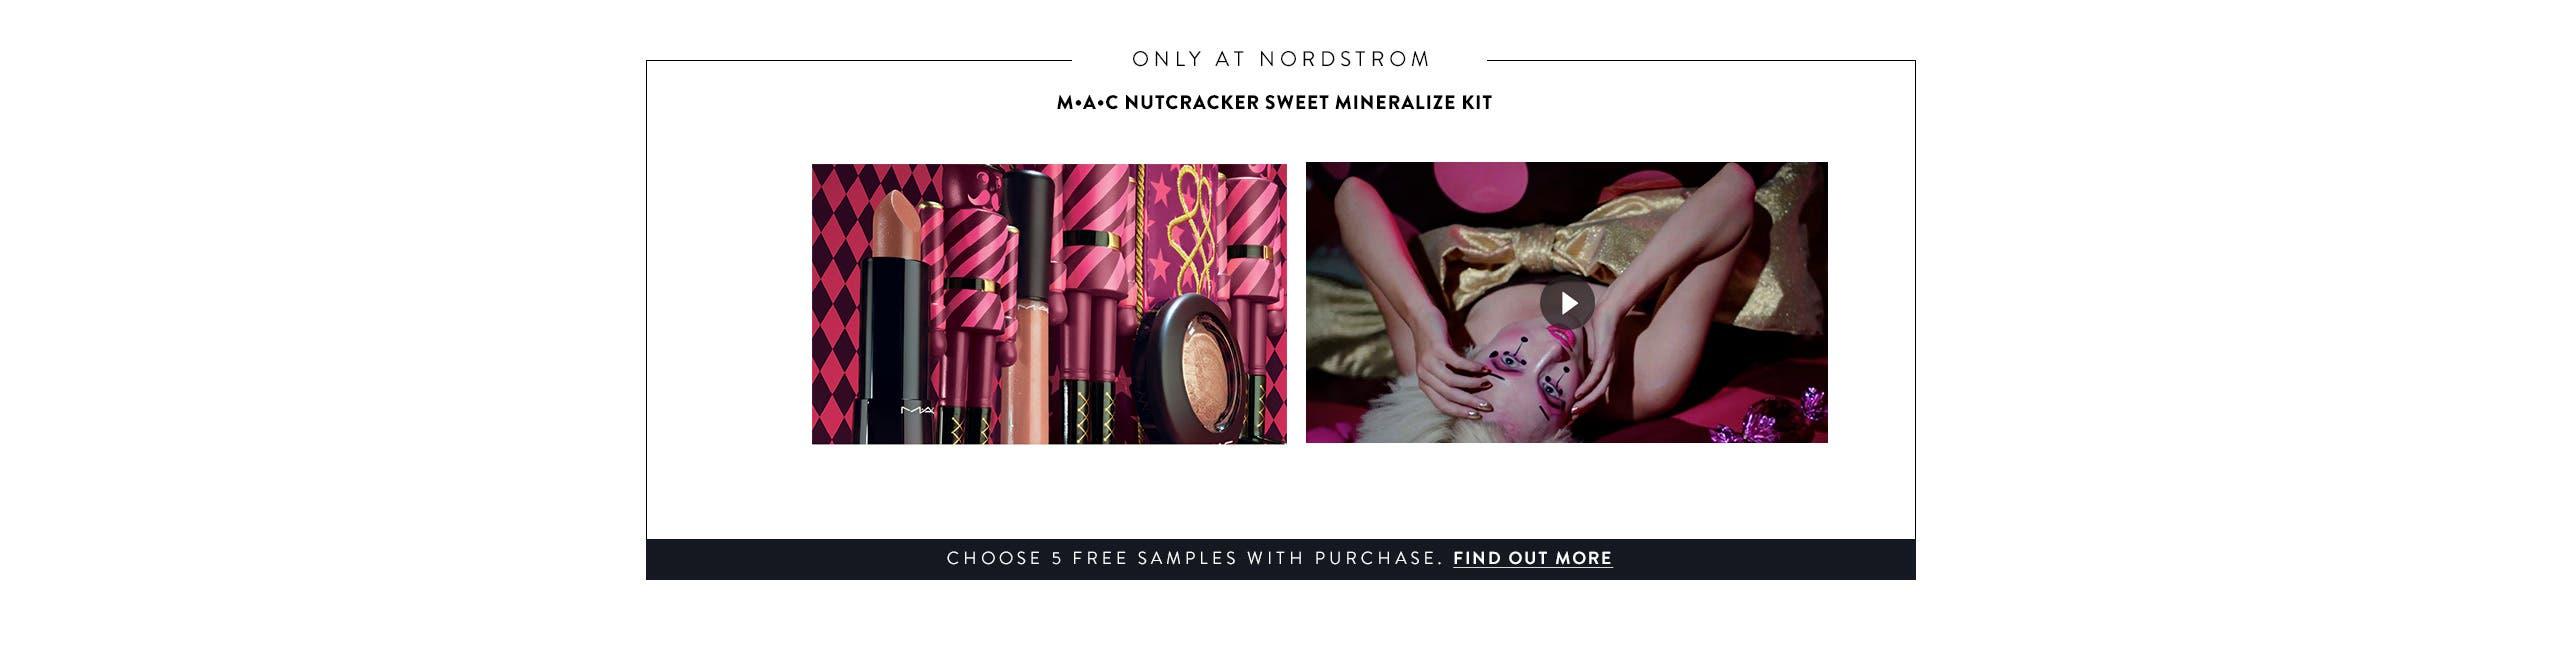 MAC: The Nutcracker Sweet Mineralize Kit.